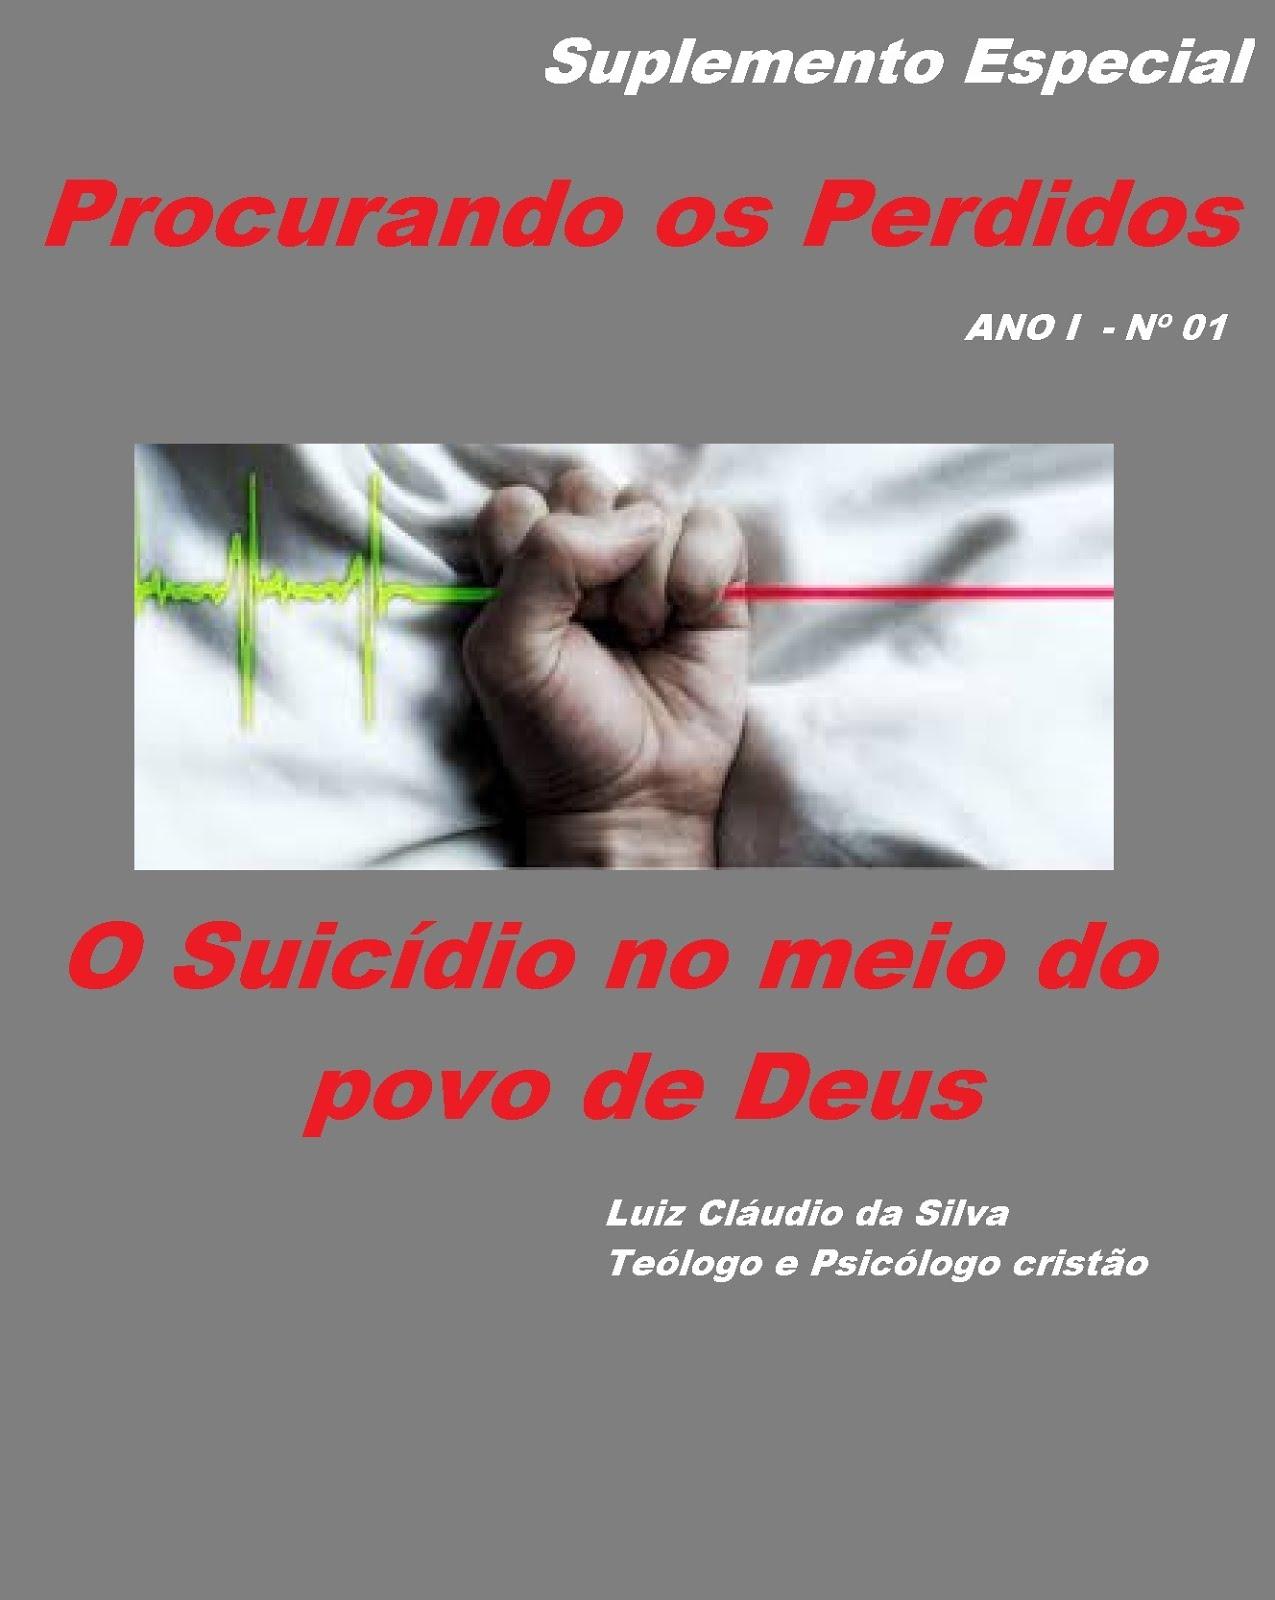 SUPLEMENTO ESPECIAL PROCURANDO OS PERDIDOS